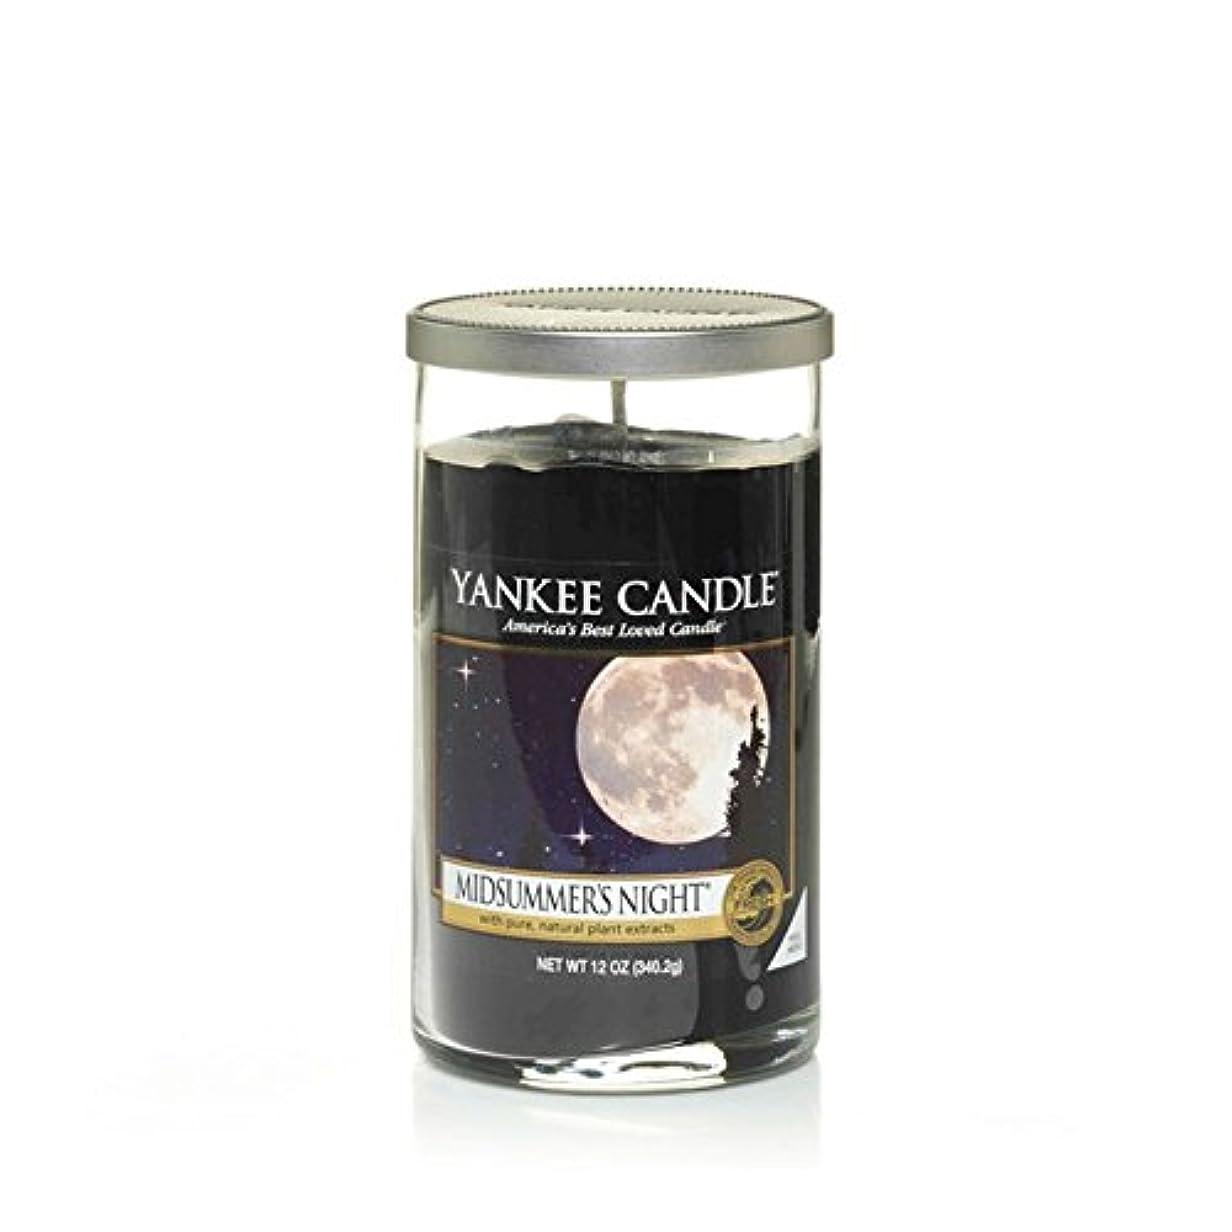 調子ビザ色ヤンキーキャンドルメディアピラーキャンドル - Midsummersの夜 - Yankee Candles Medium Pillar Candle - Midsummers Night (Yankee Candles)...